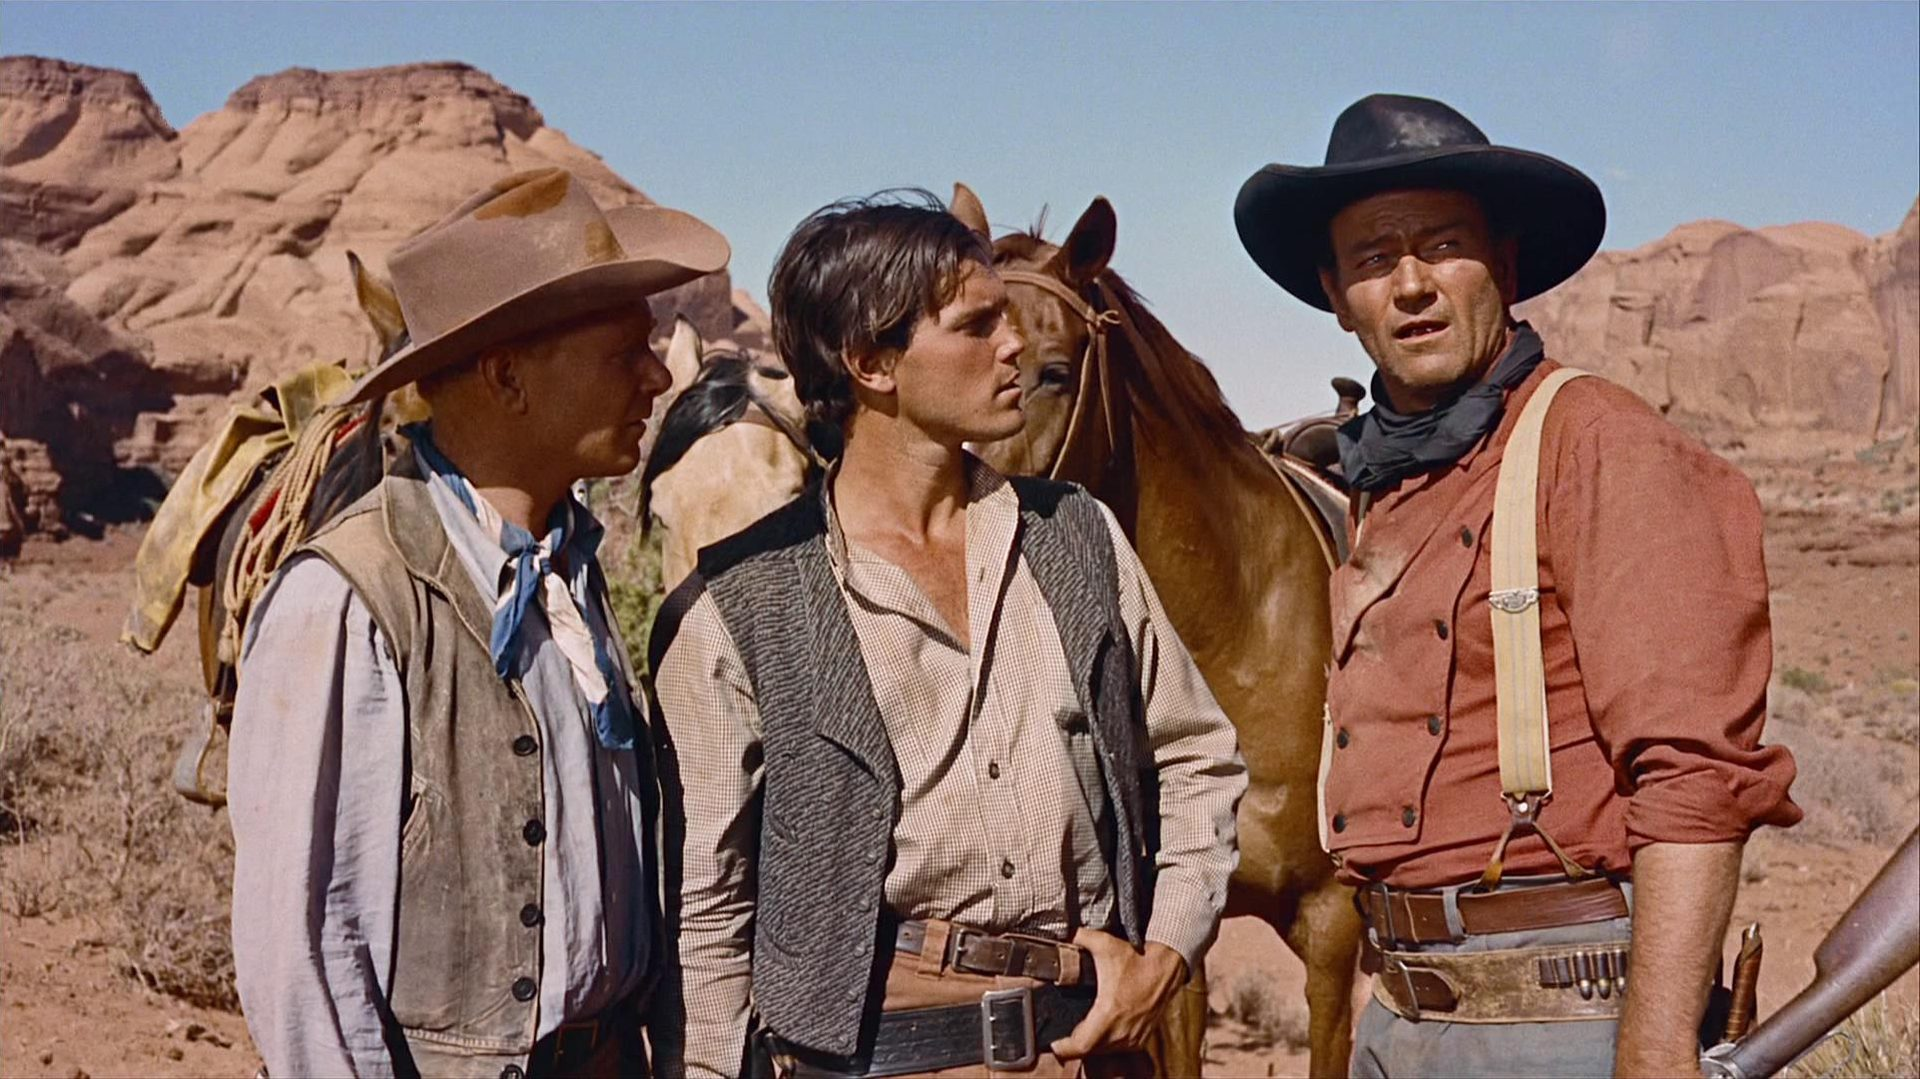 John Wayne als Ethan Edwards mit zwei Kompagnons bei warmem Klima in der Wüste.